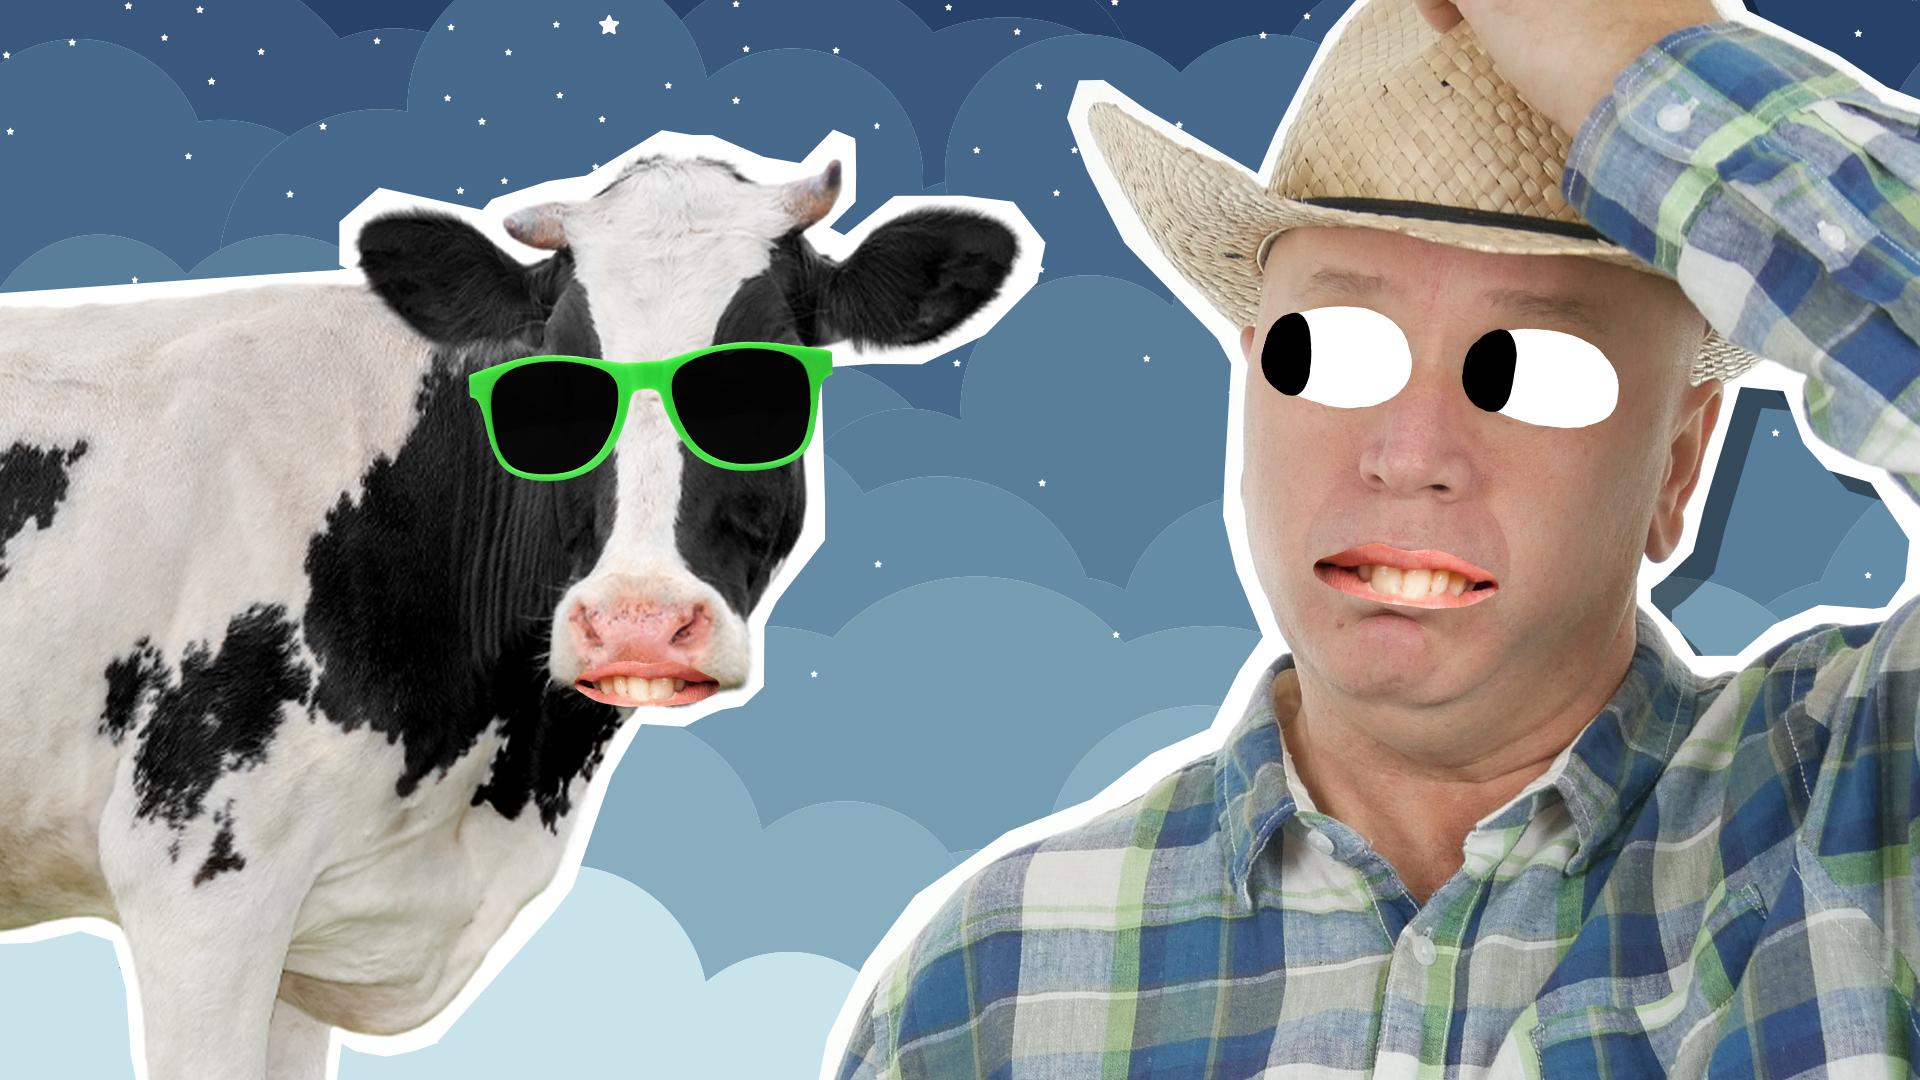 A farmer and a sleepy cow